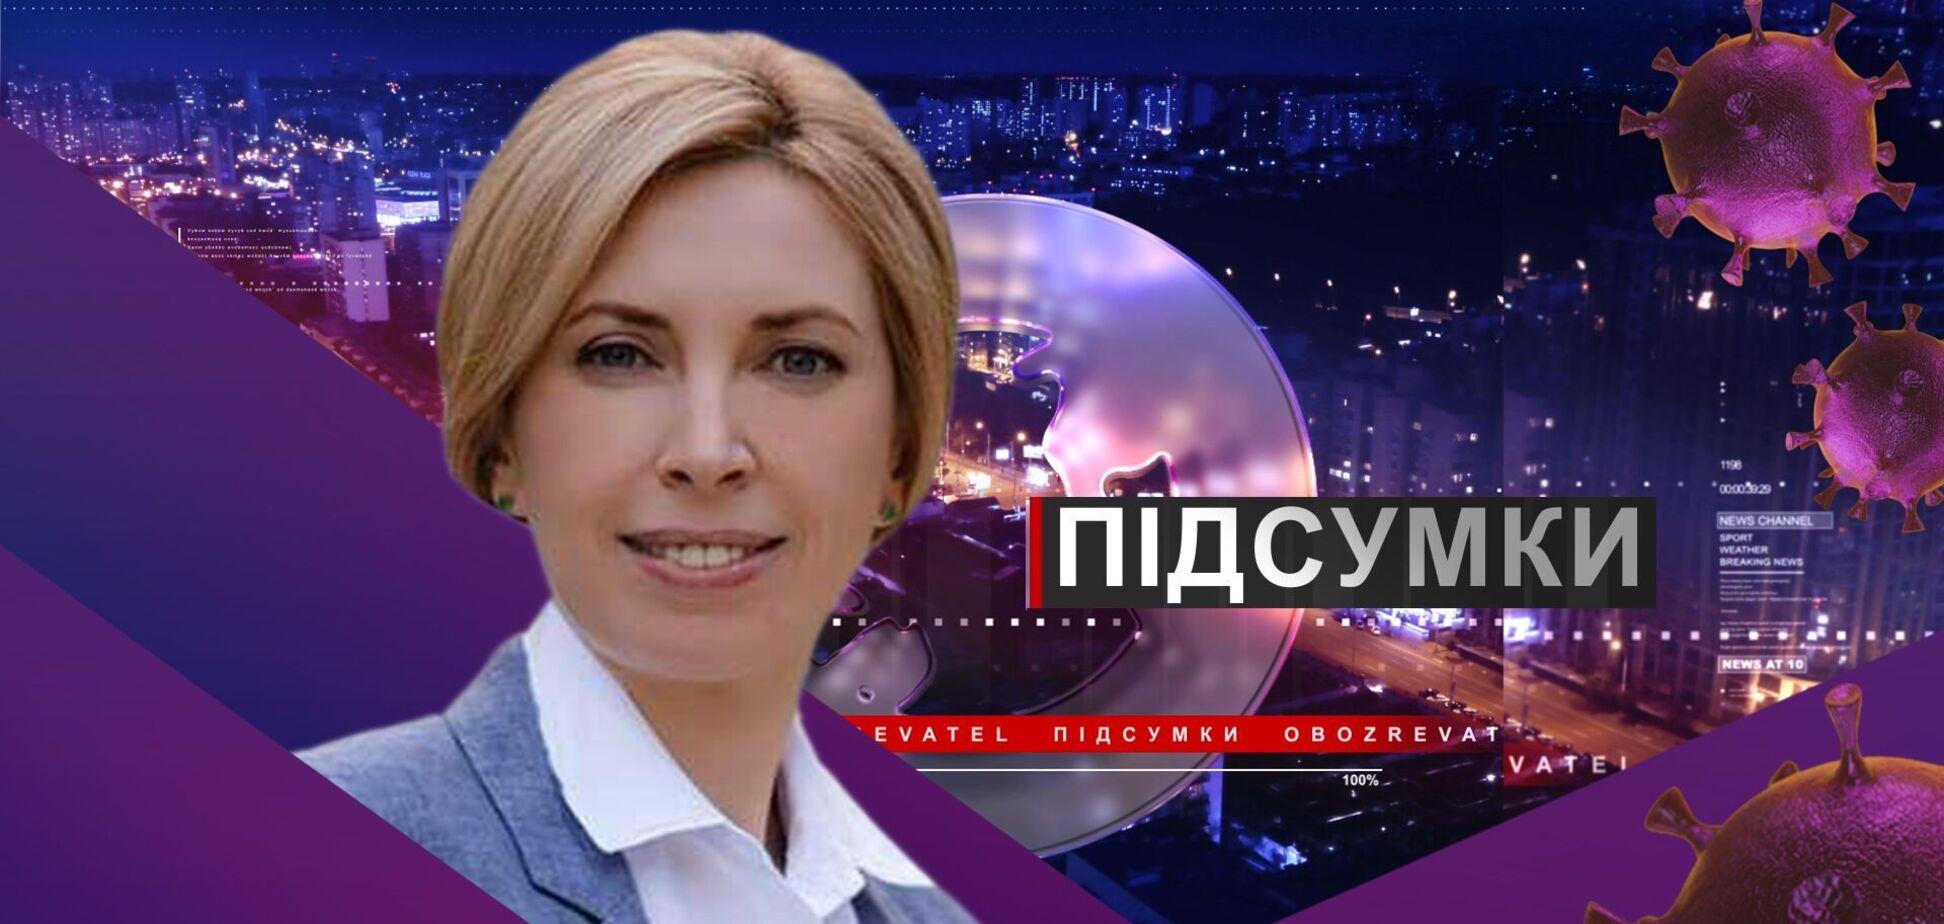 Підсумки дня з Вадимом Колодійчуком. Вівторок, 8 вересня